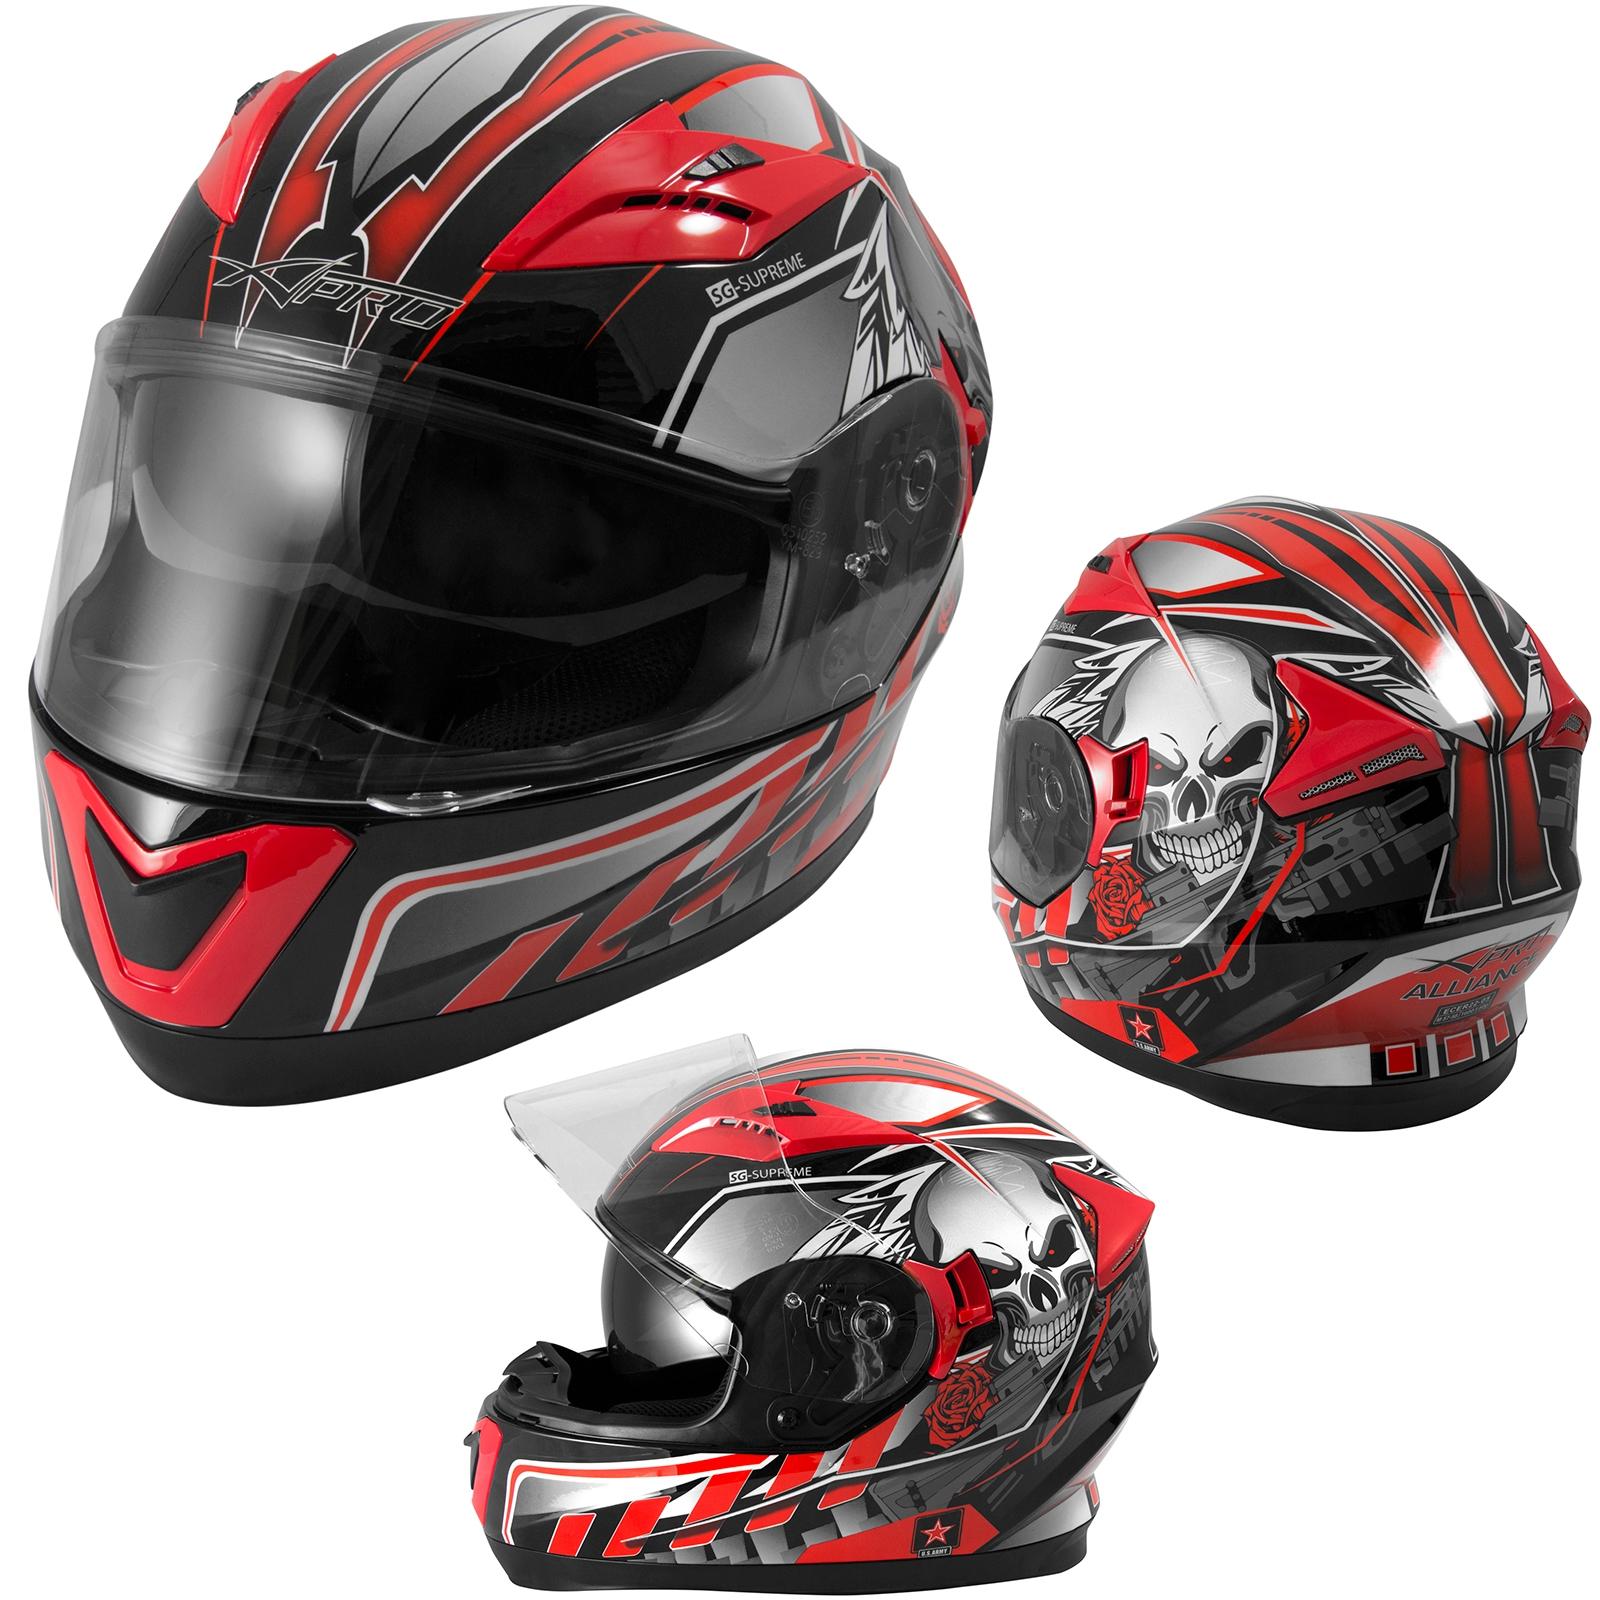 Casco-Integrale-ECE-22-05-Moto-Scooter-Visiera-Parasole-Grafica-Rosso